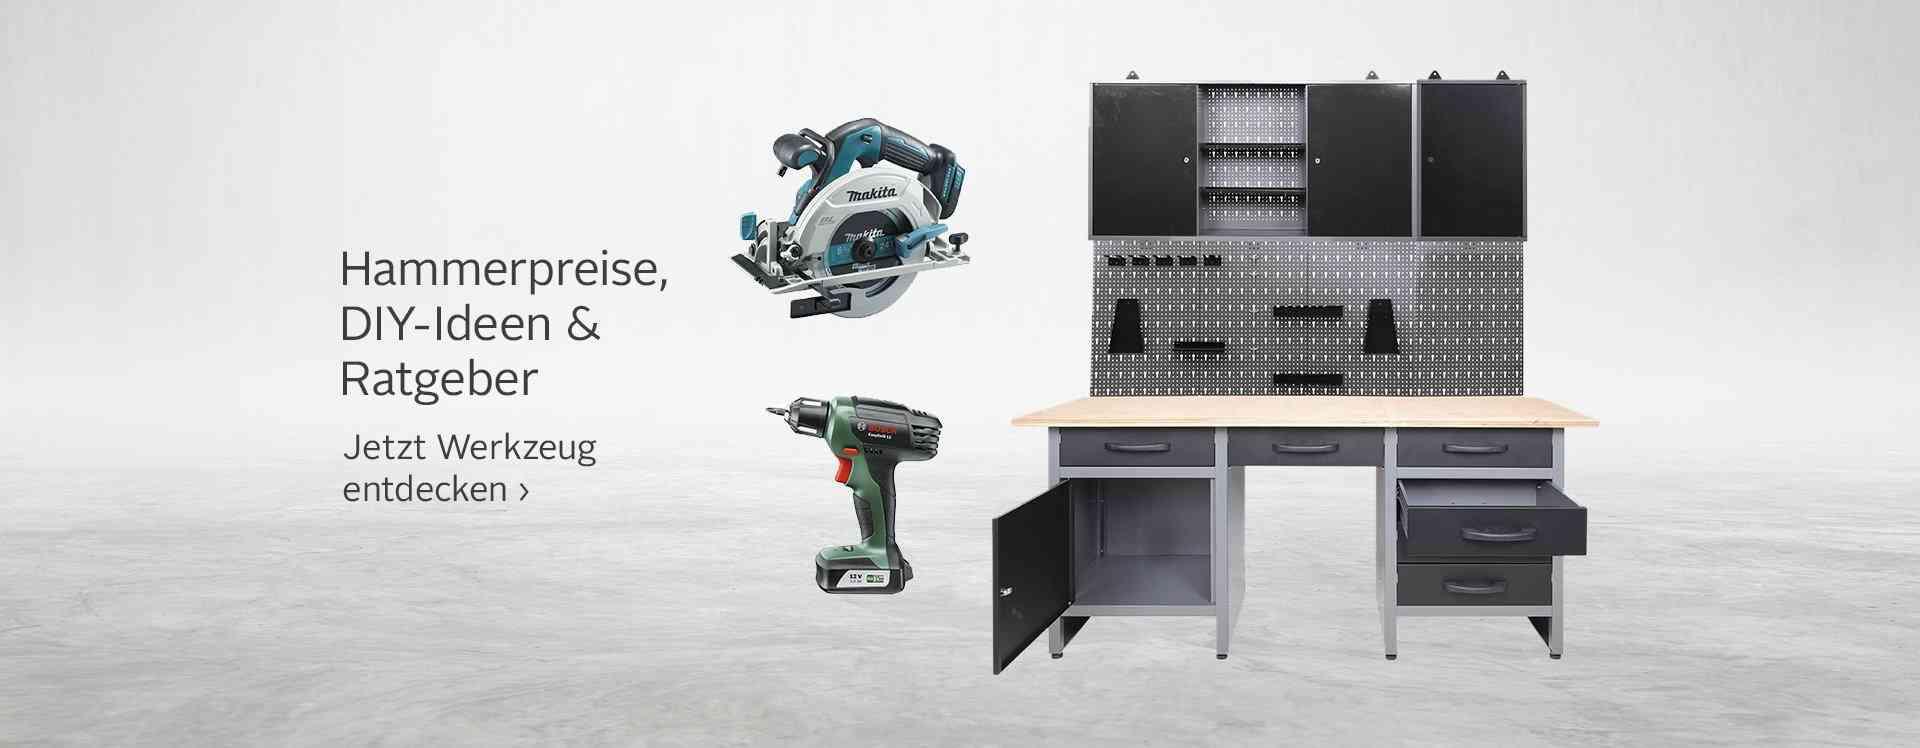 Werkzeug & Maschinen: von Akkuschrauber über Bohrhämmer bis hin zu Betonmischer - hier wird jeder fündig. Vergessen Sie nicht die praktische Werkstatteinrichtung - Stauraum für Ihre Lieblingsstücke!